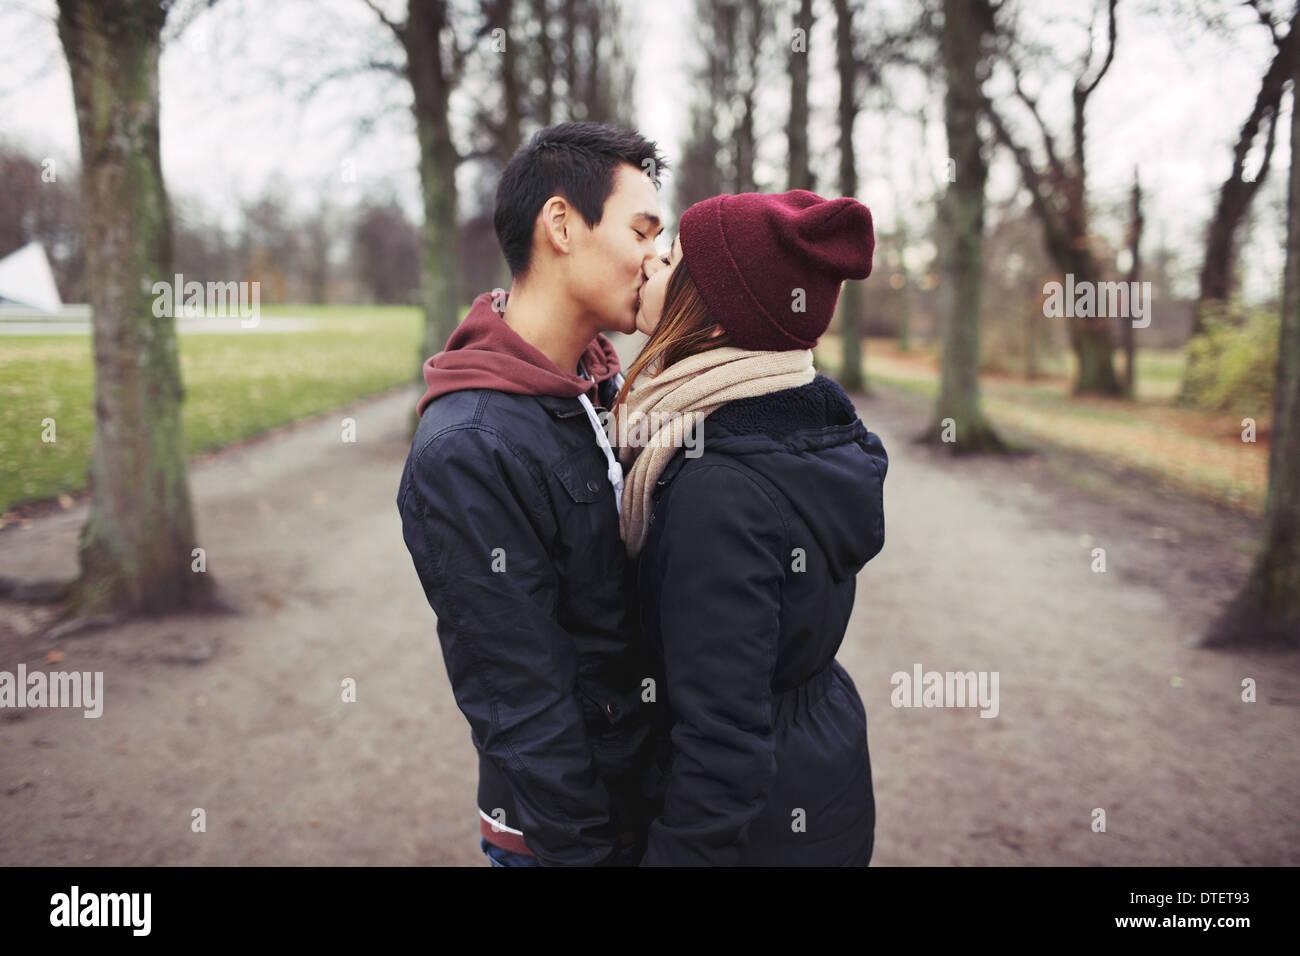 Junges Liebespaar küssen im Freien im Park. Gemischte Rassen Mann und Frau. Teenager Liebe. Stockbild